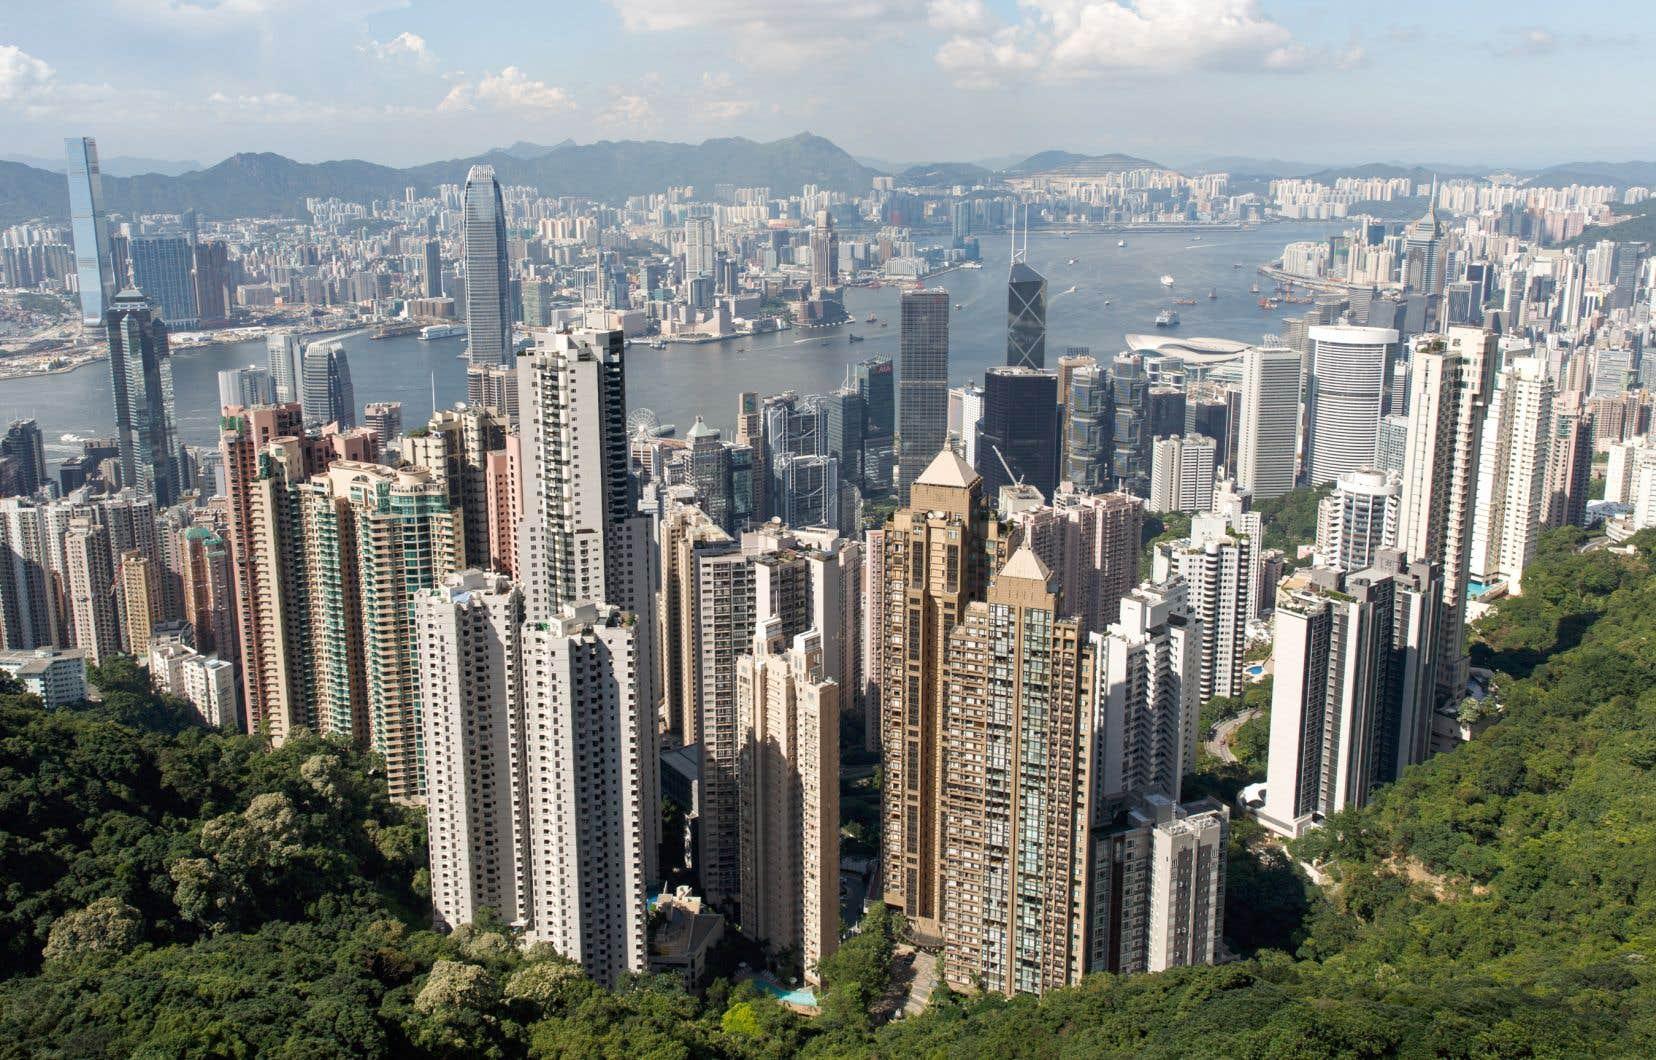 Grâce à sa réglementation favorable aux entreprises, à son respect pour l'État de droit et à sa proximité avec le vaste marché intérieur chinois, Hong Kong est devenu l'un des principaux carrefours d'échanges commerciaux dans le monde.